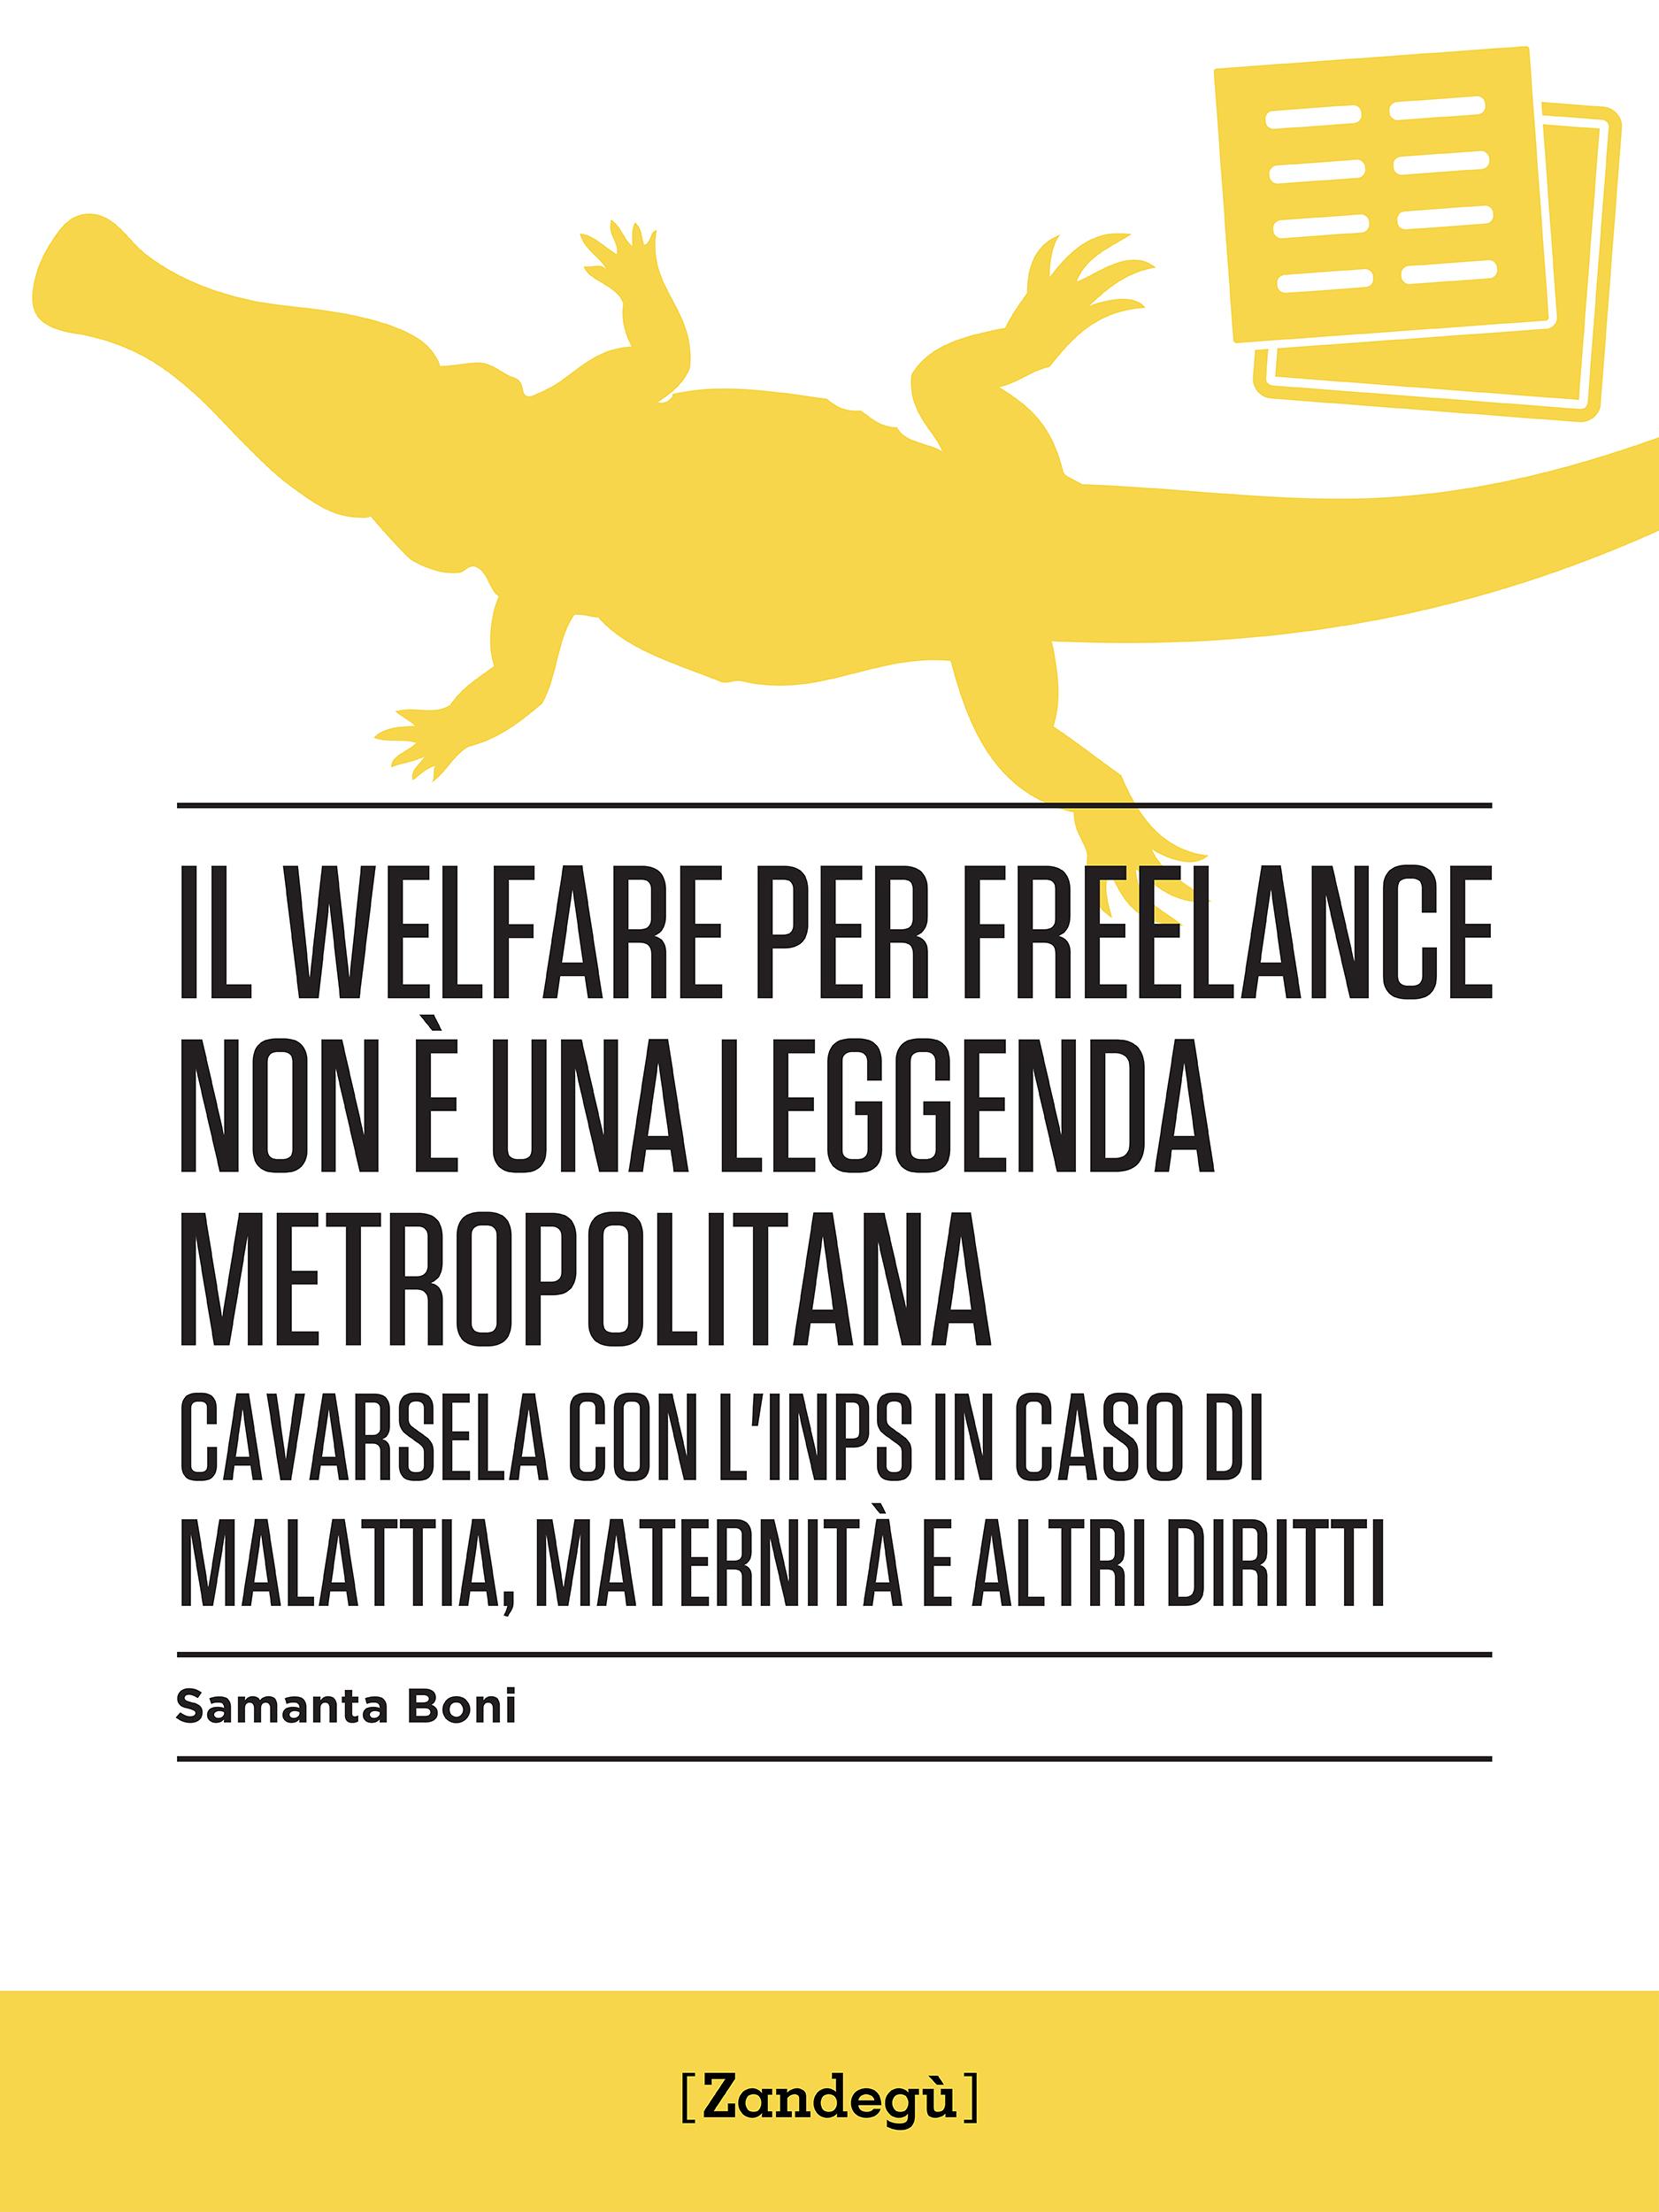 Il welfare per freelance